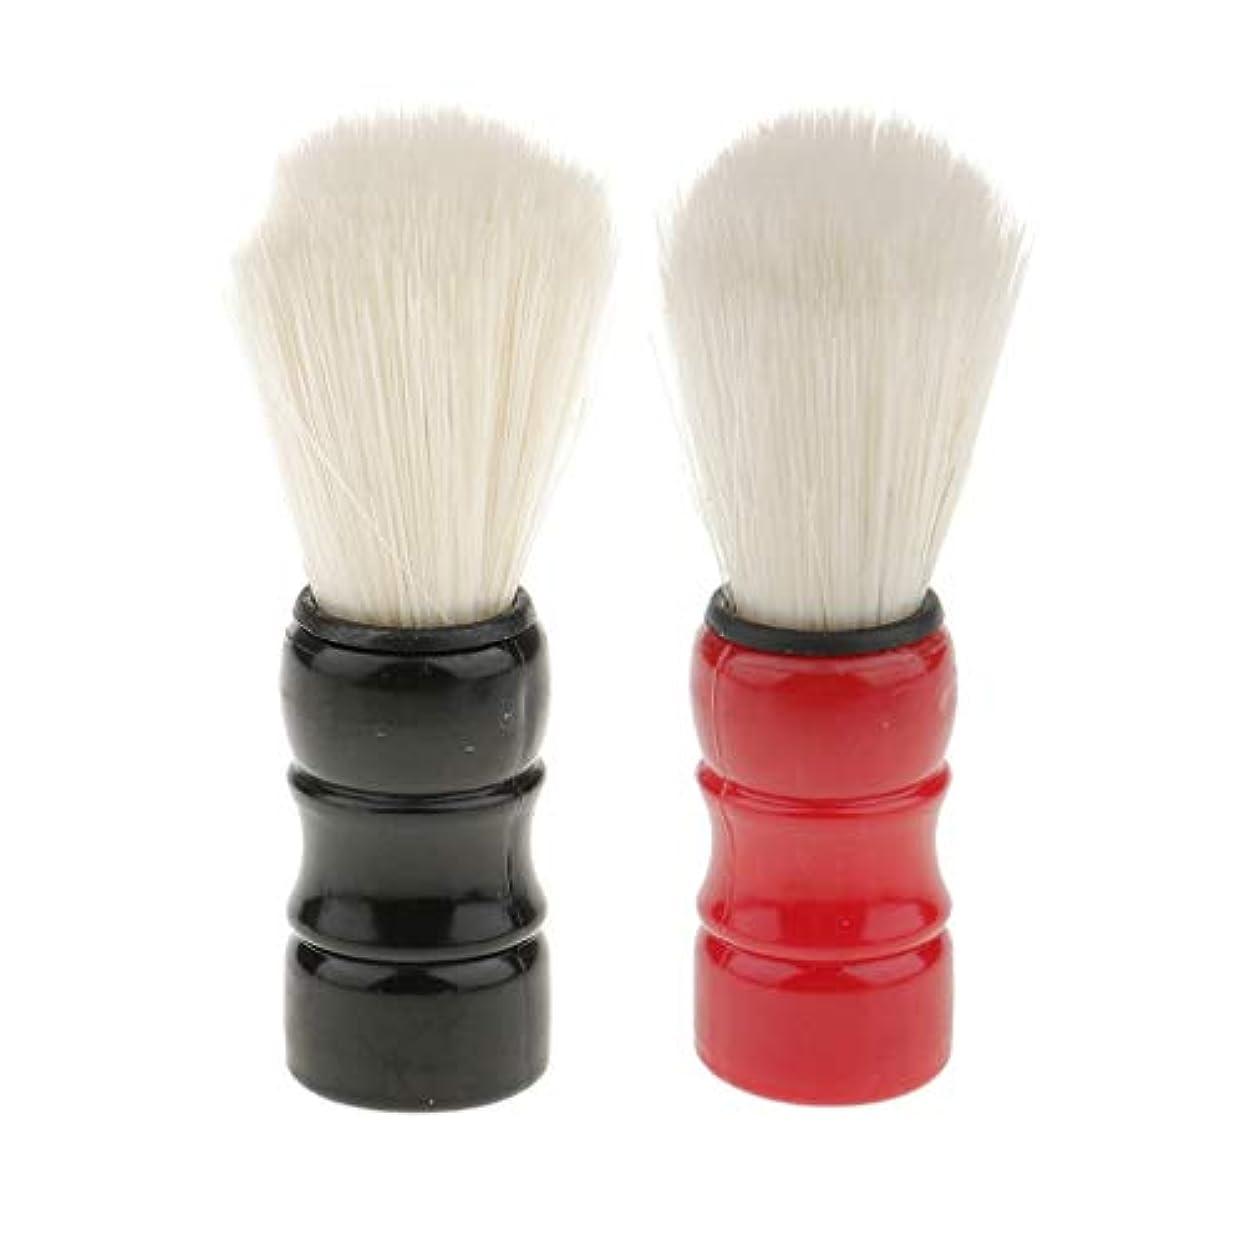 意義フランクワースリー究極のsharprepublic メンズ シェービングブラシ ひげブラシ 髭剃りブラシ 洗顔ブラシ 泡立ち 髭剃り シェービング毛処理